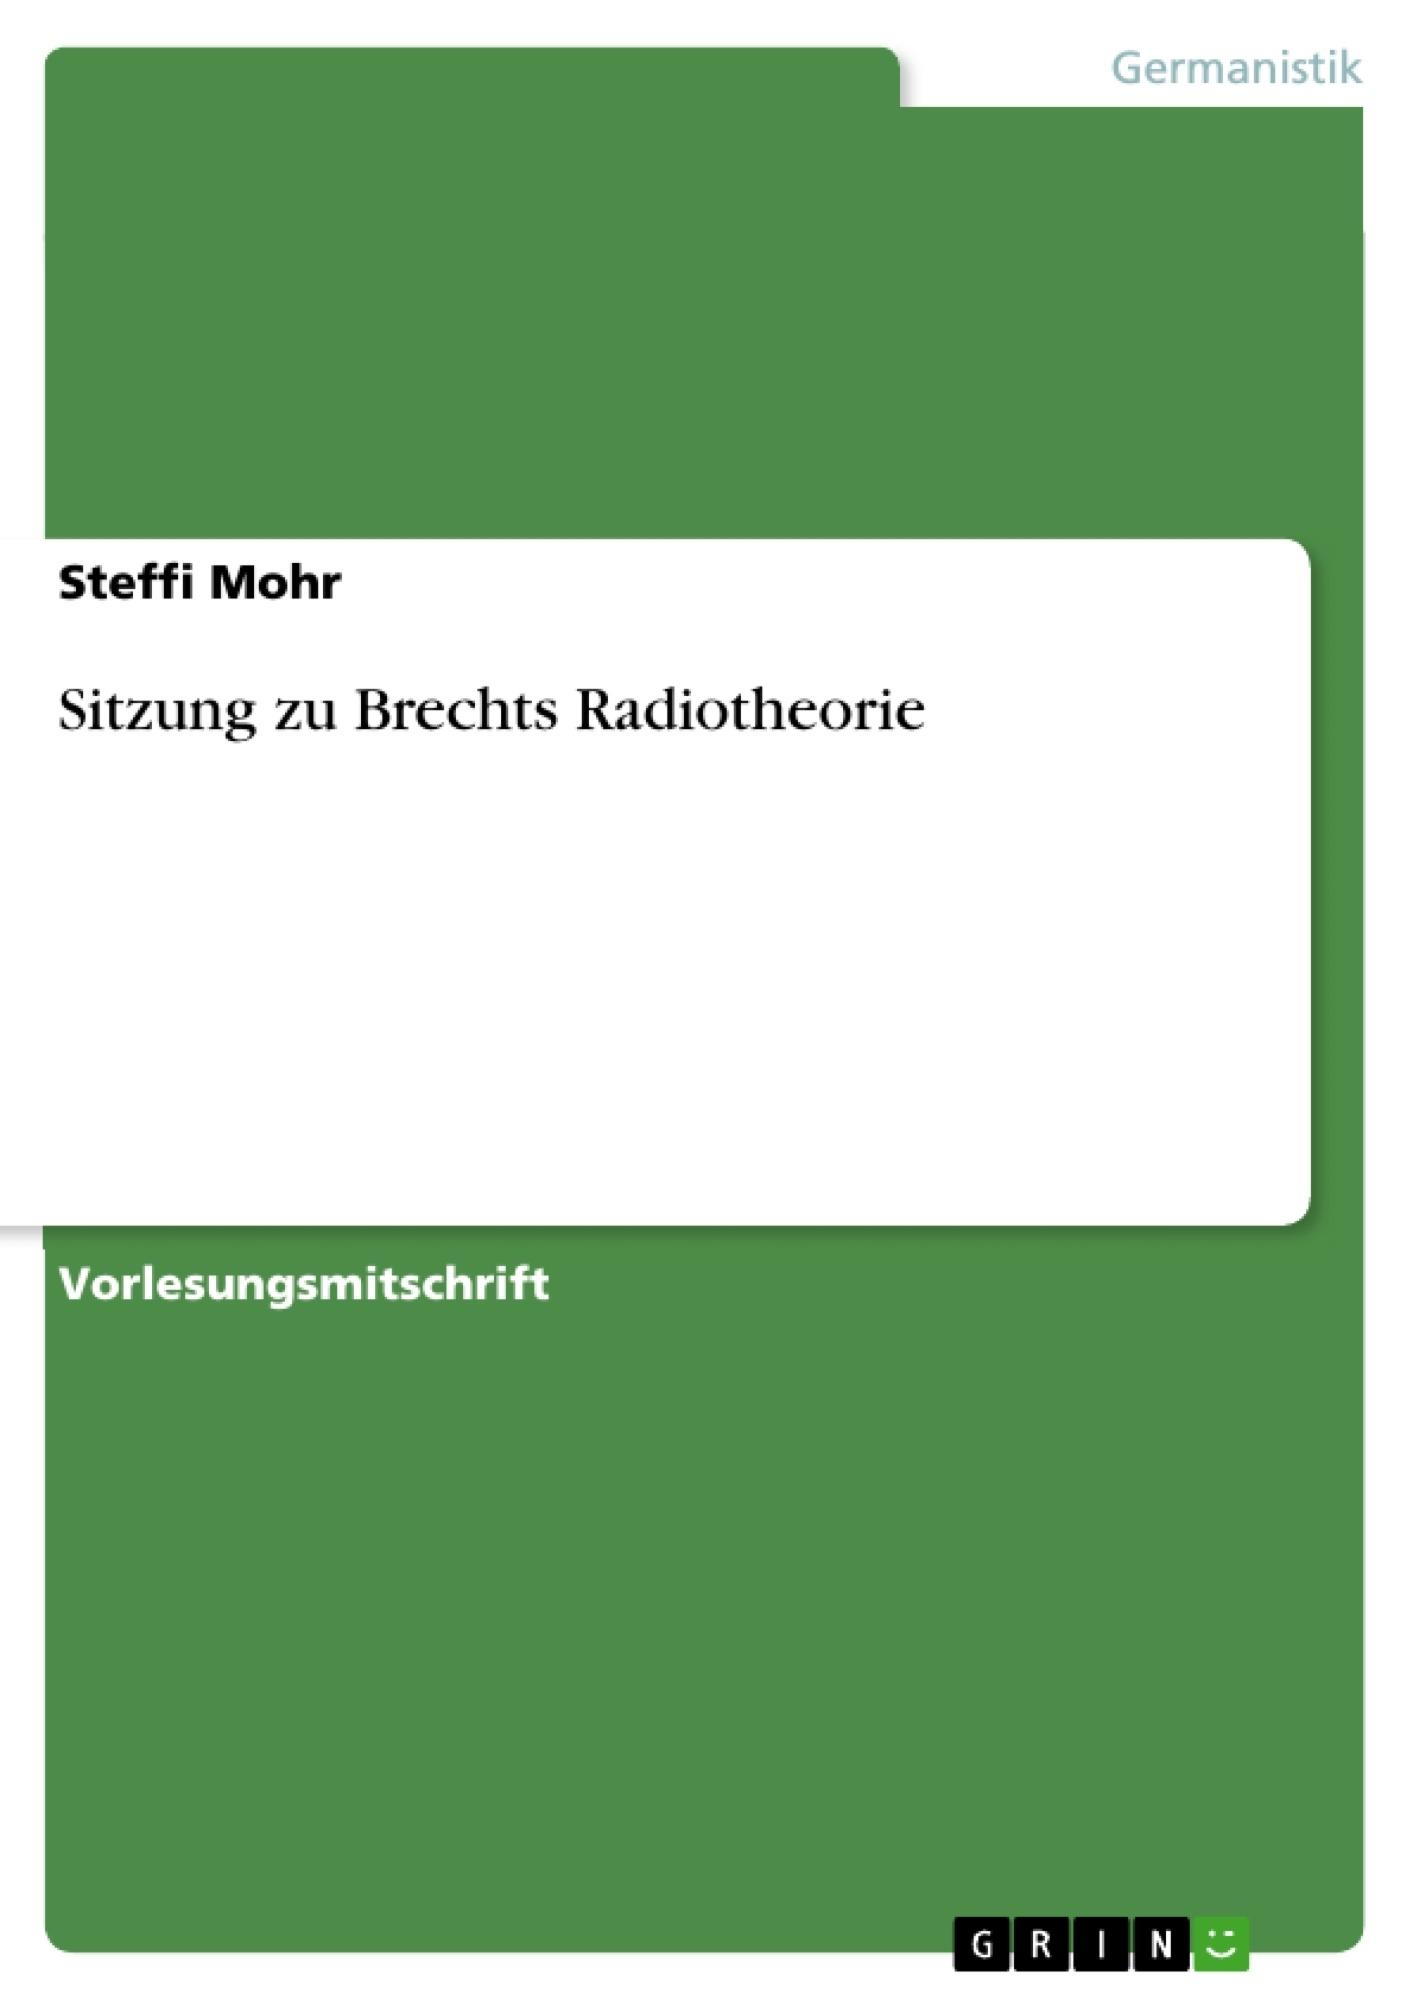 Titel: Sitzung zu Brechts Radiotheorie